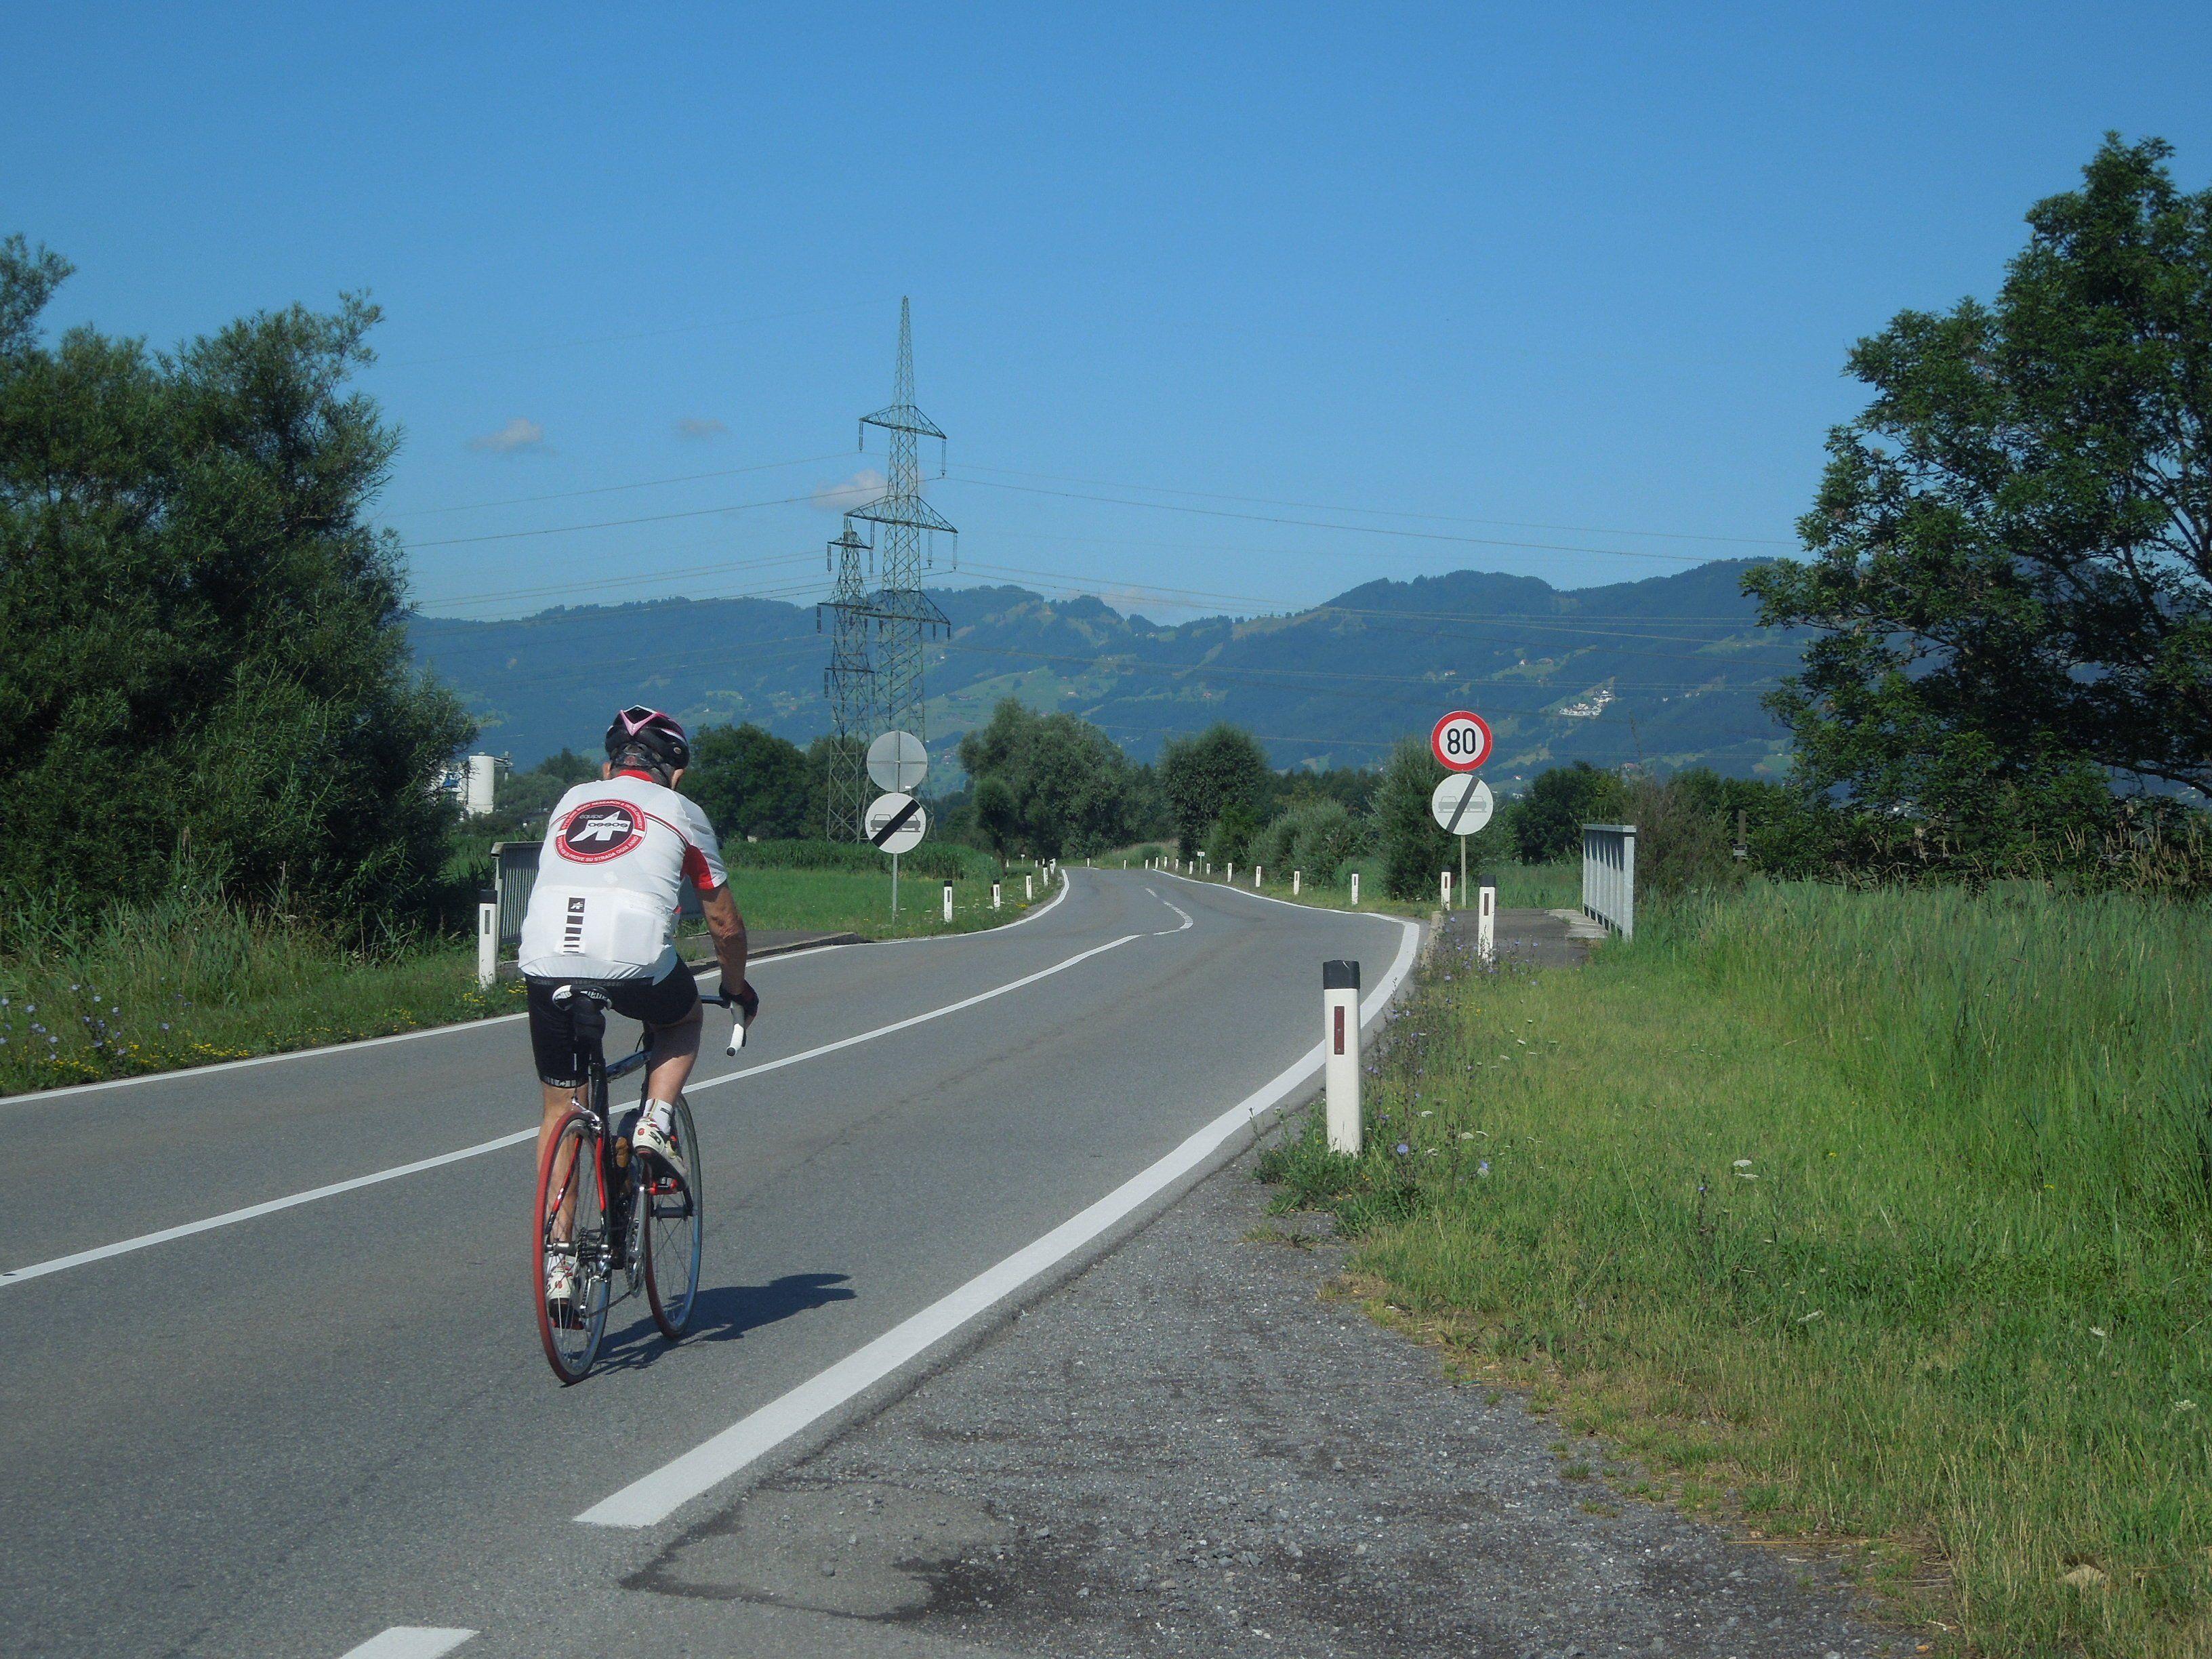 Der Ausbau der Schweizerstraße sieht auch einen begleitenden Radweg vor. Bisher lebten Fahrradfahrer auf dieser Strecke gefährlich.